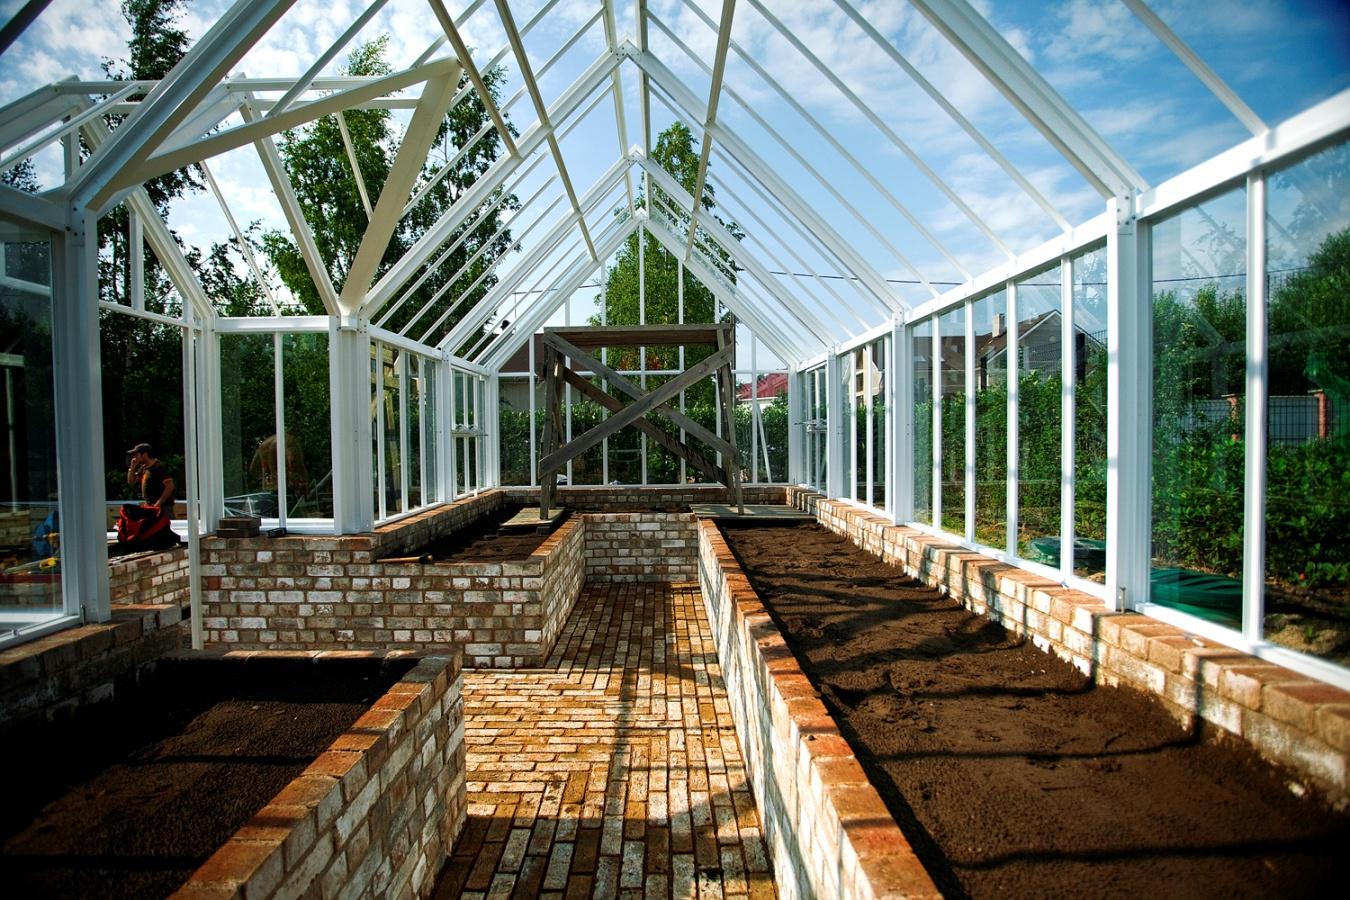 Зимняя теплица, как бизнес: как выращивать в теплице 6